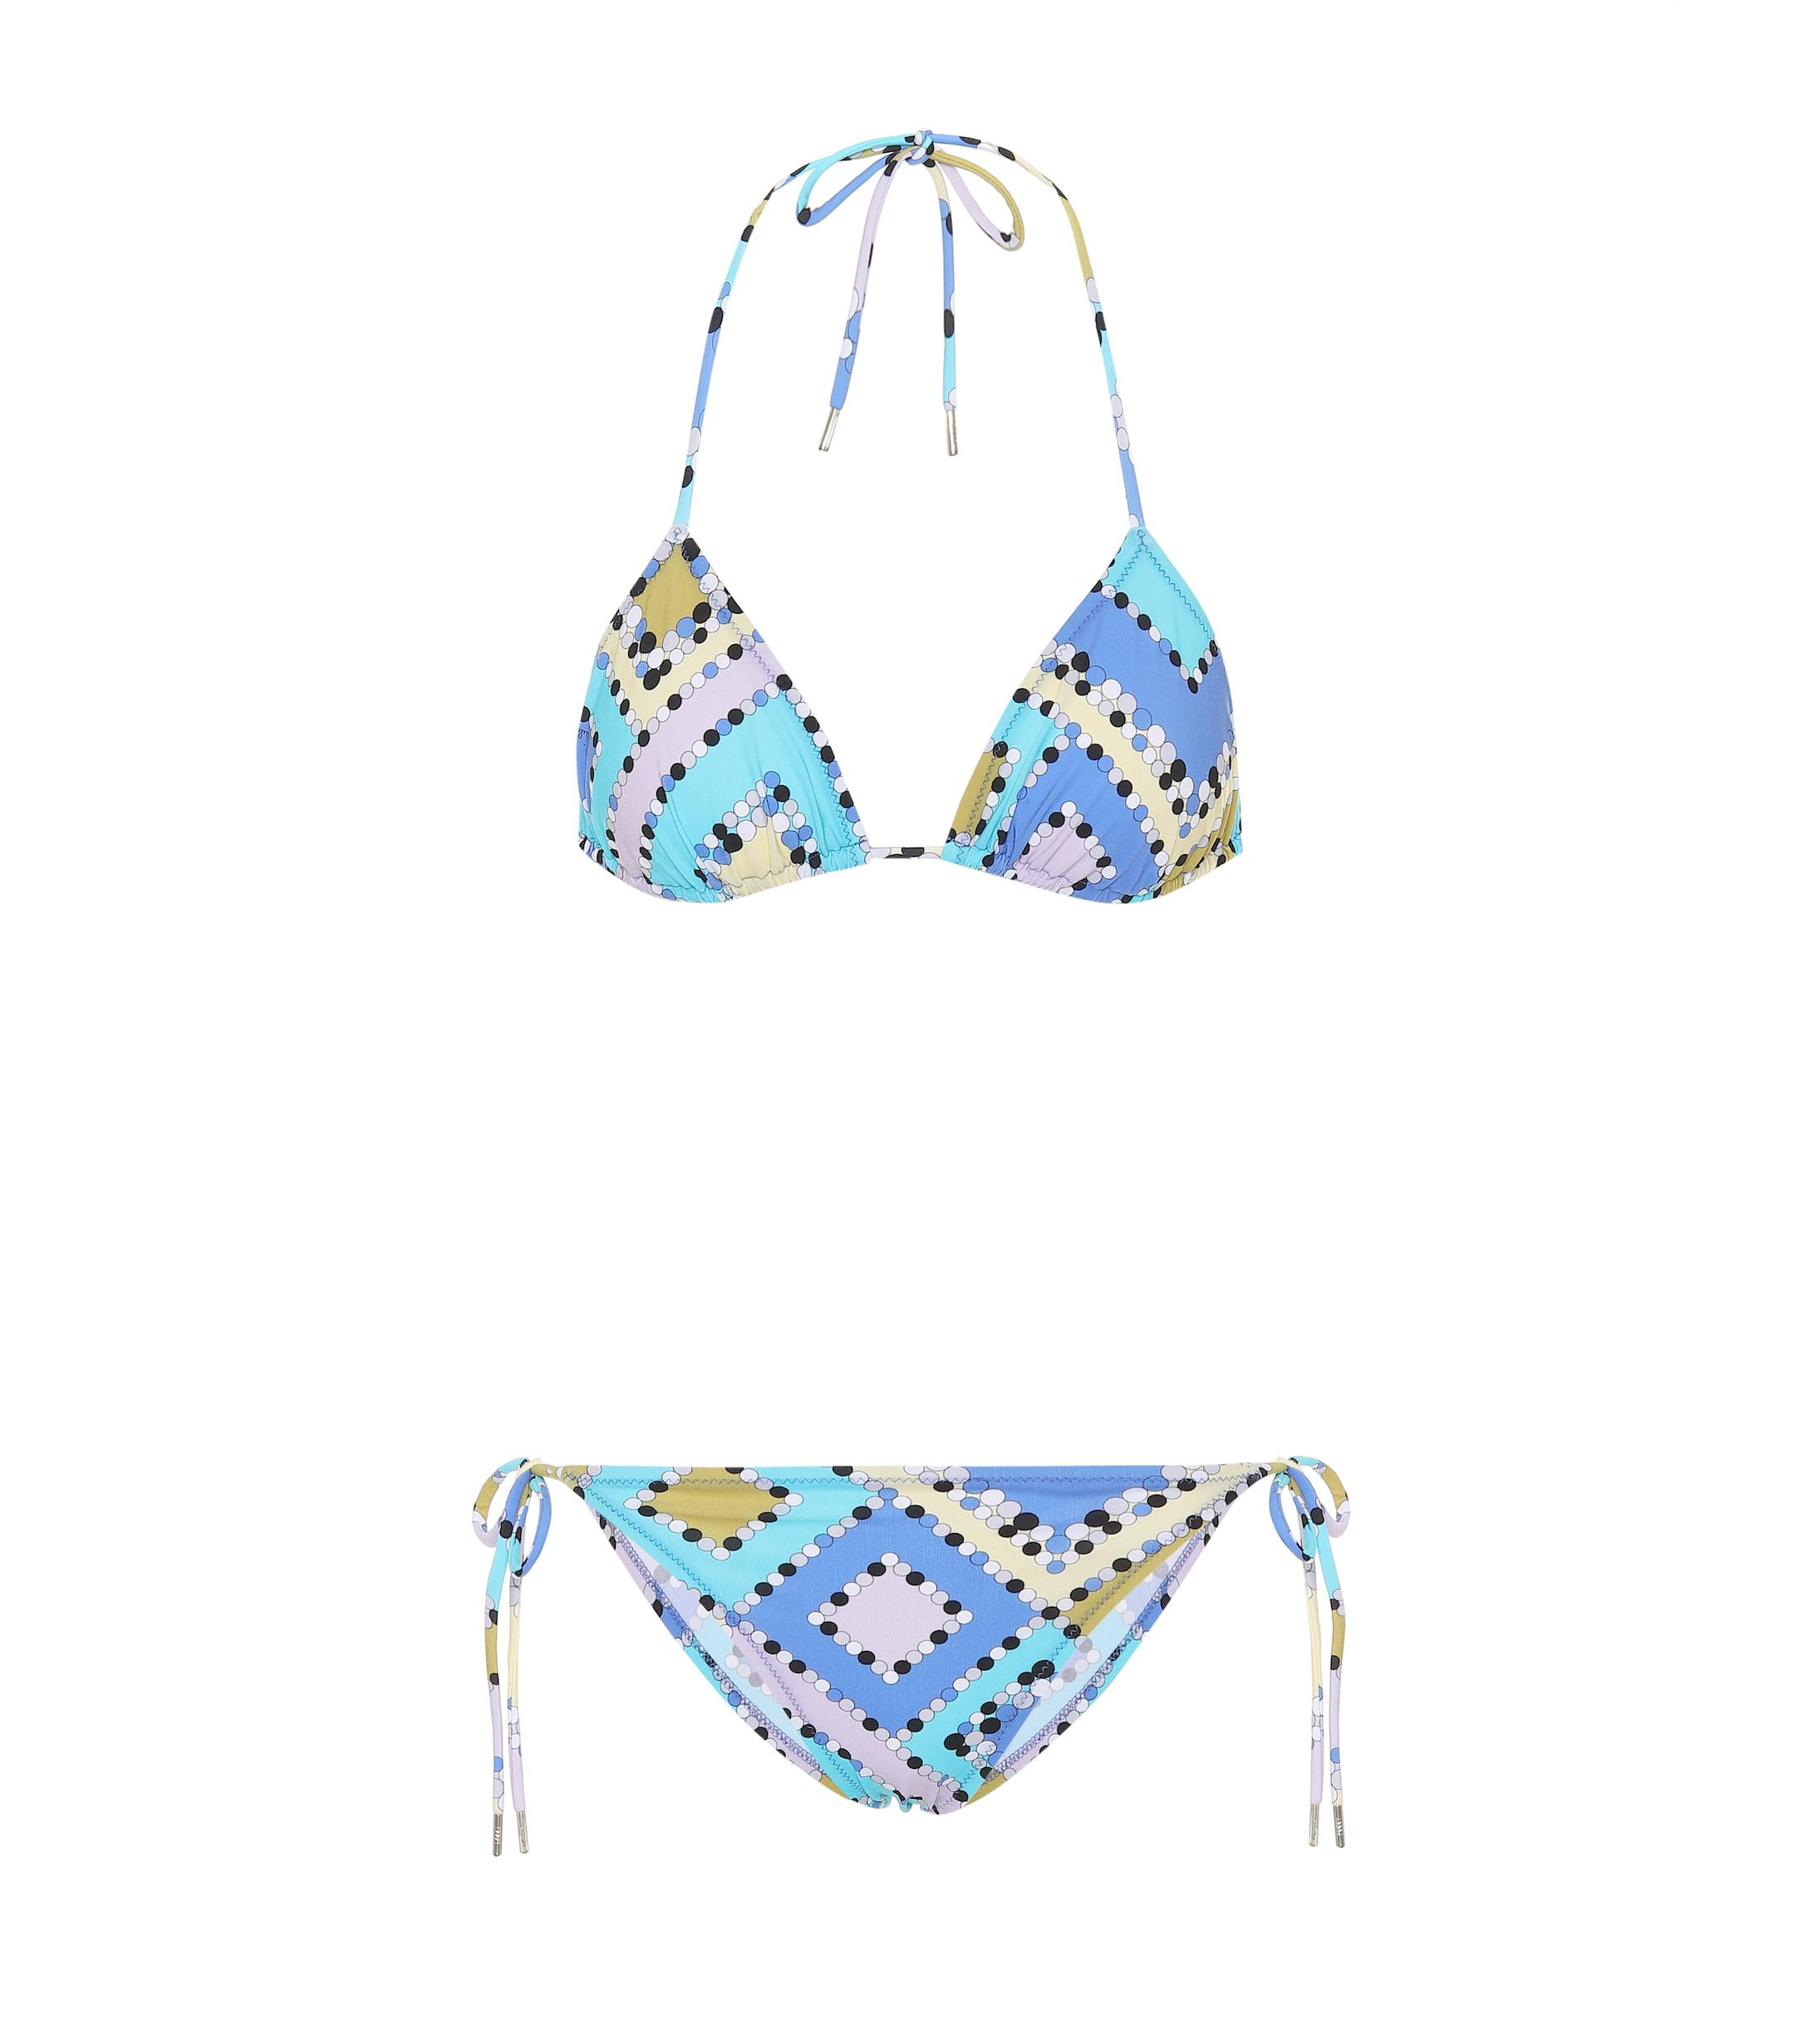 09796b5ff61e3 Lyst - Emilio Pucci Printed Triangle Bikini in Blue